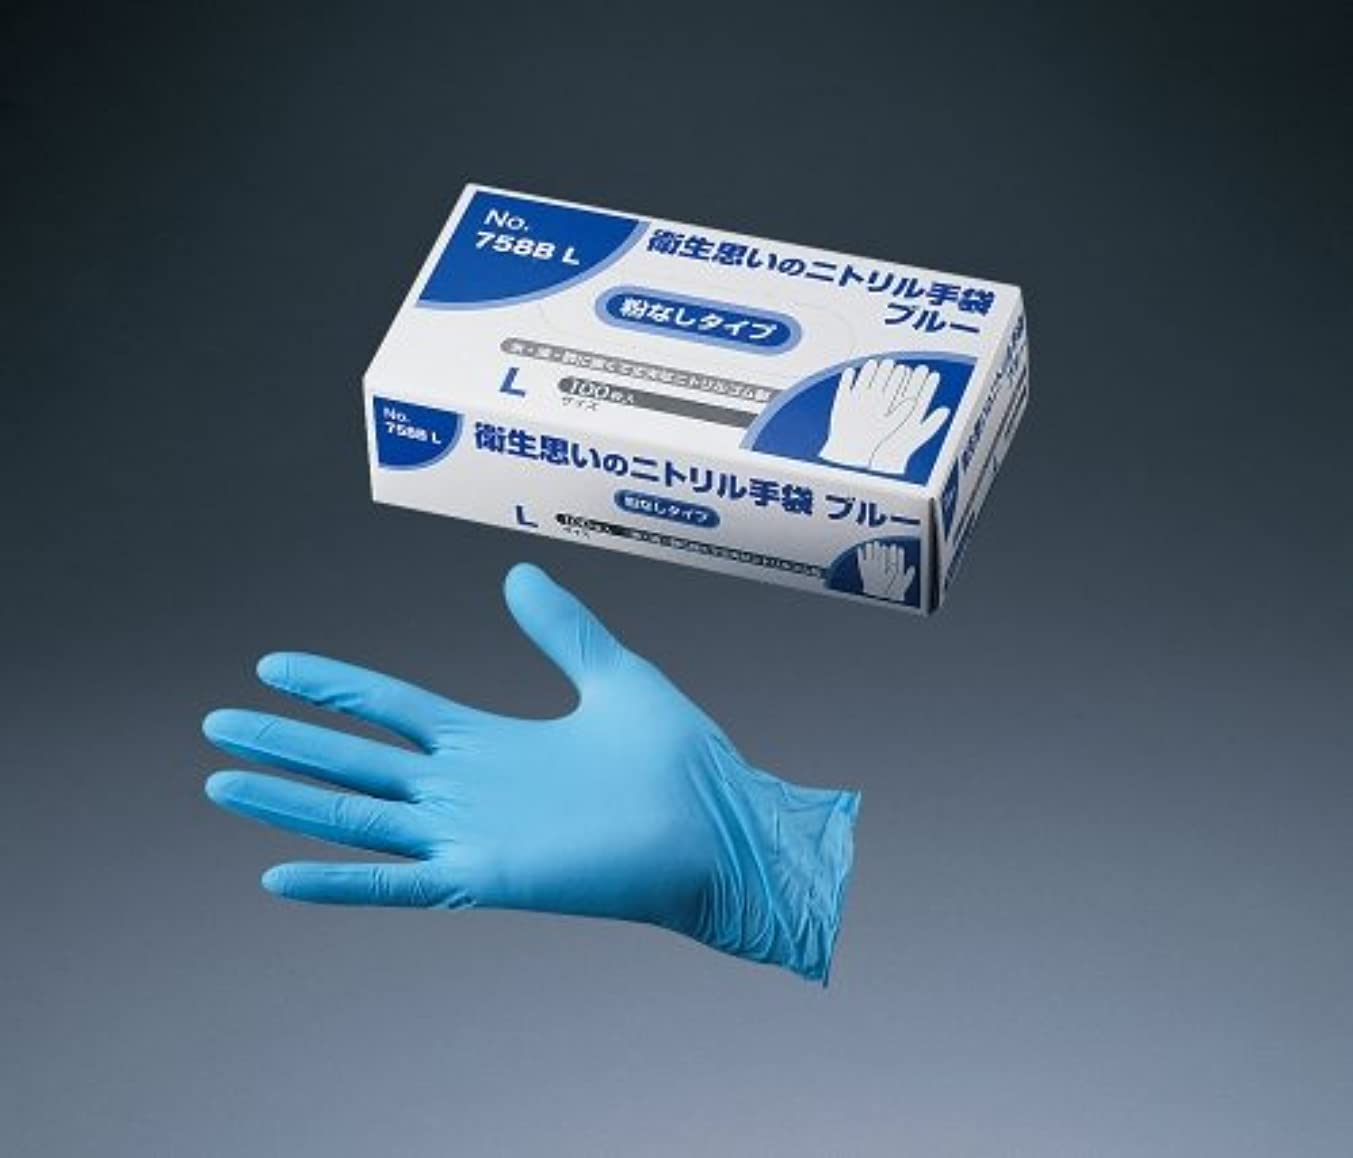 晩ごはん疲れた従事する衛生思いのニトリル手袋(粉なし)ブルー No.758B S